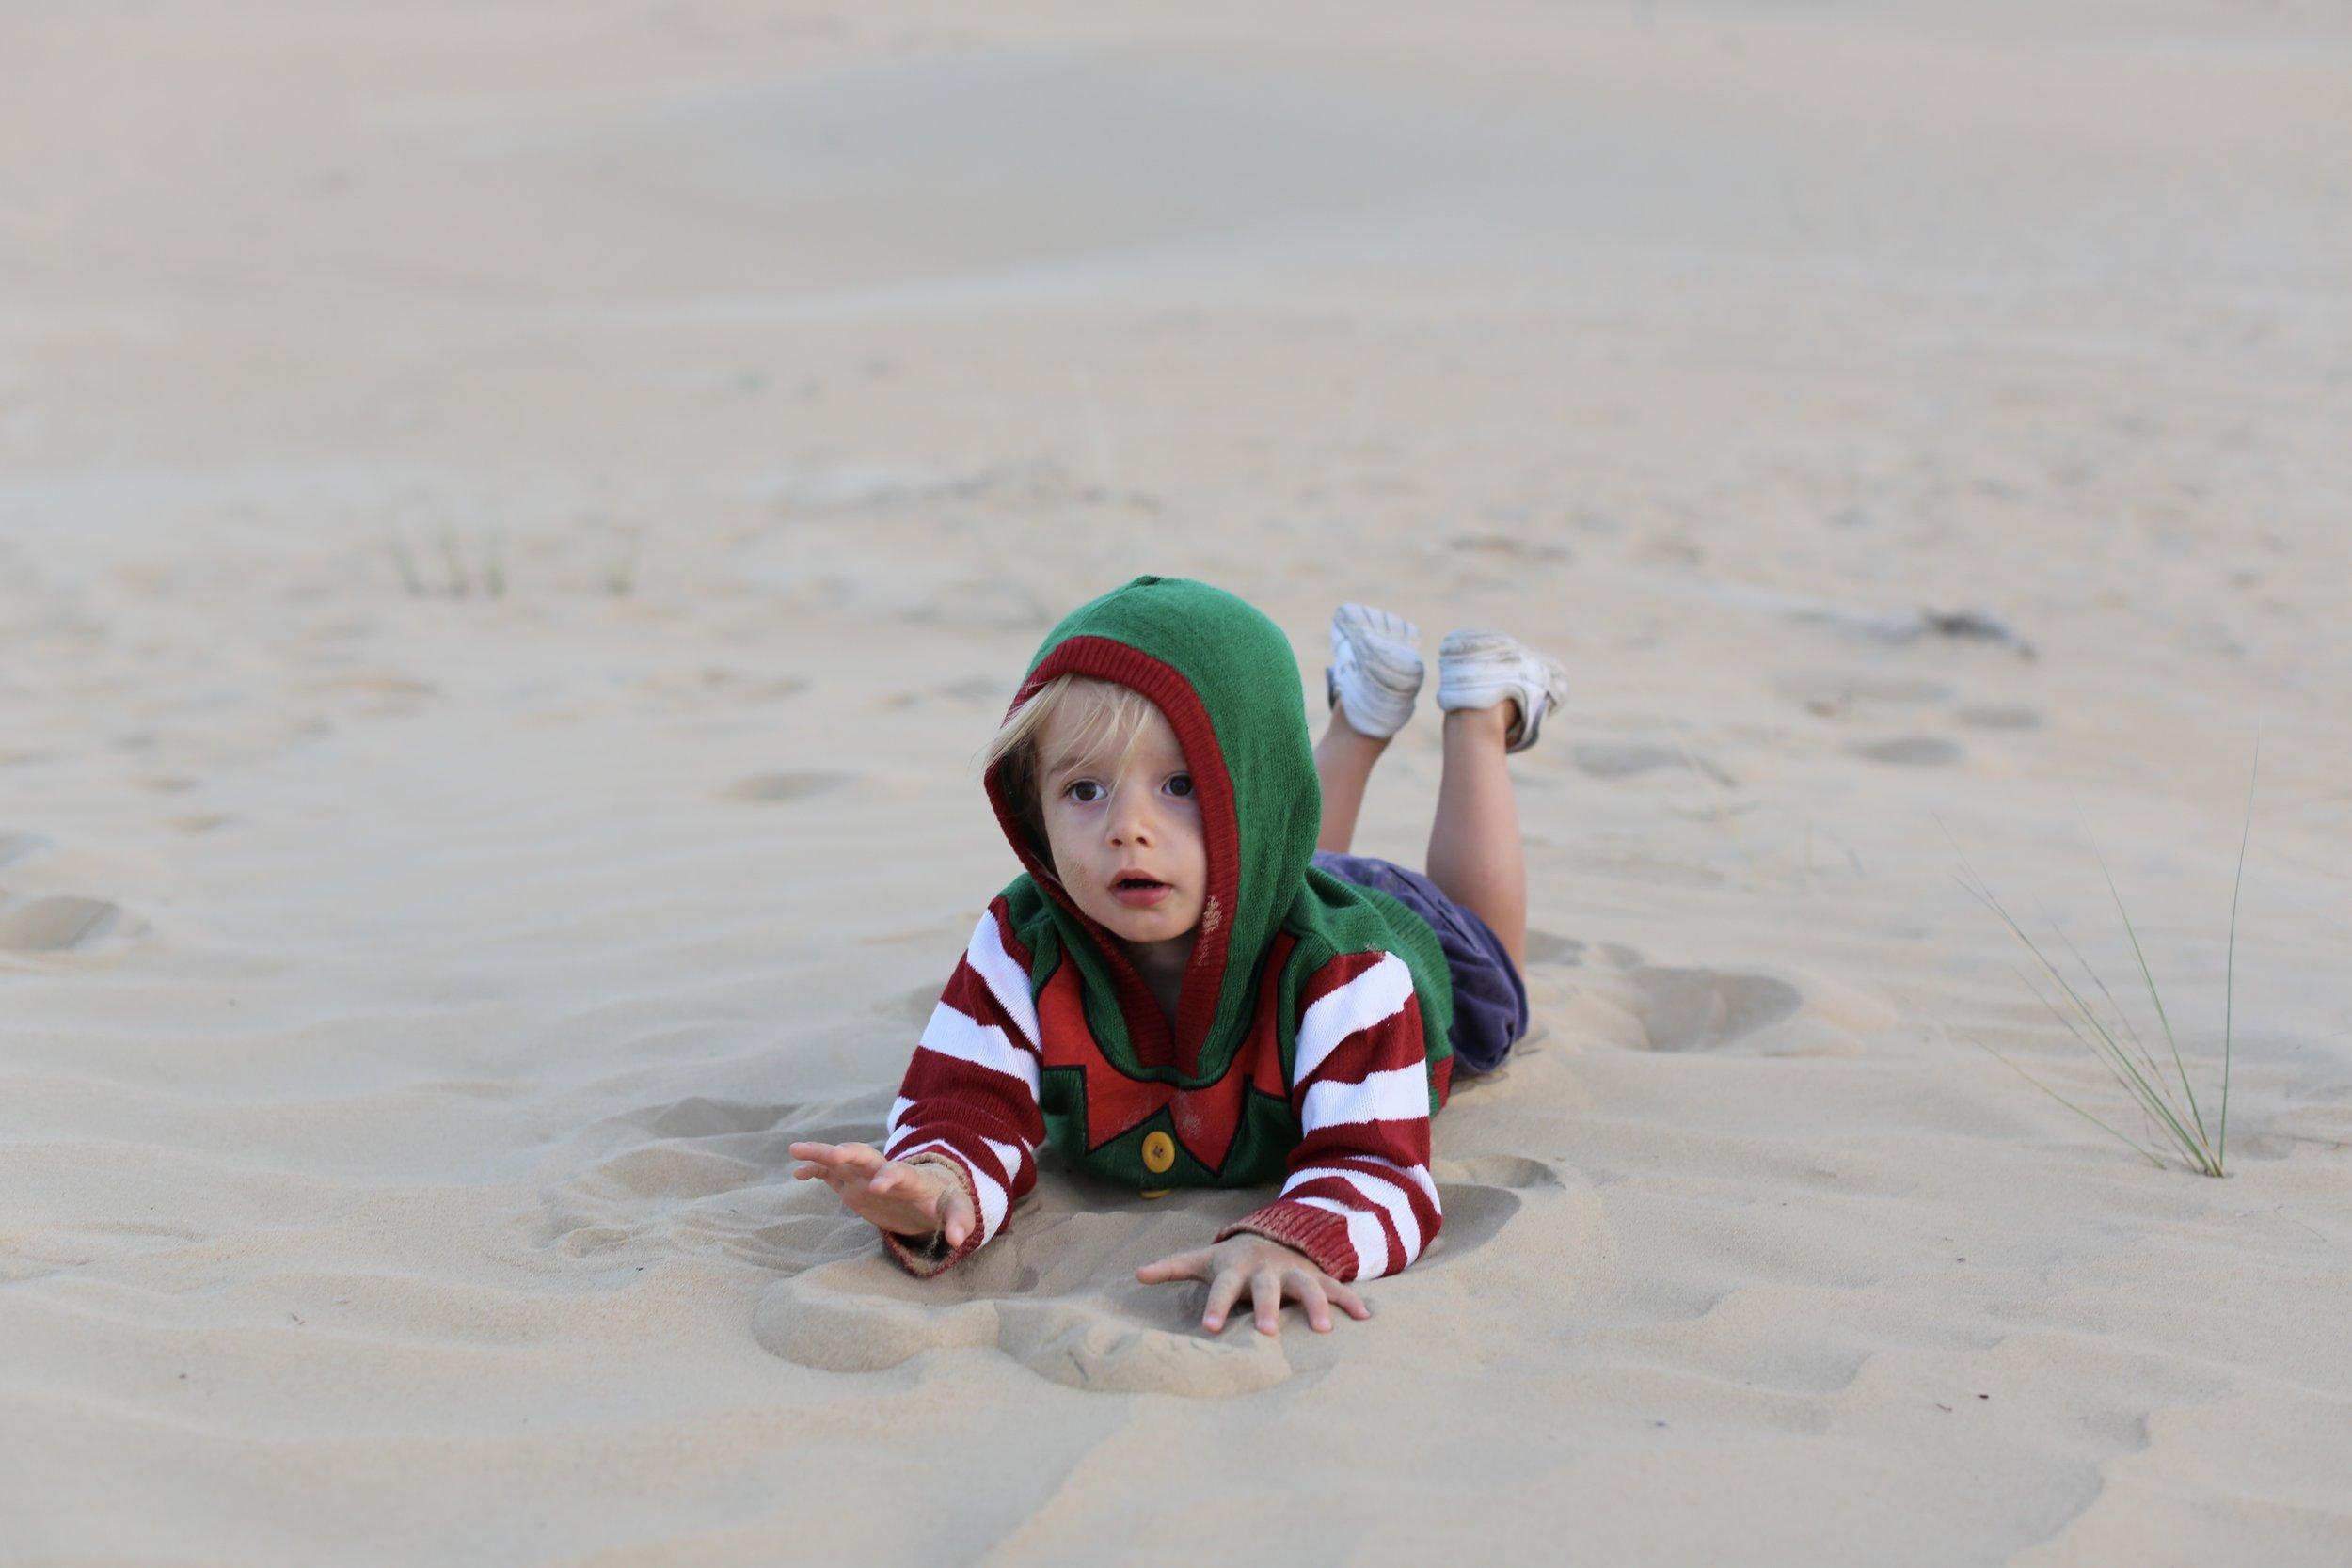 Kit in his Christmas elf jumper